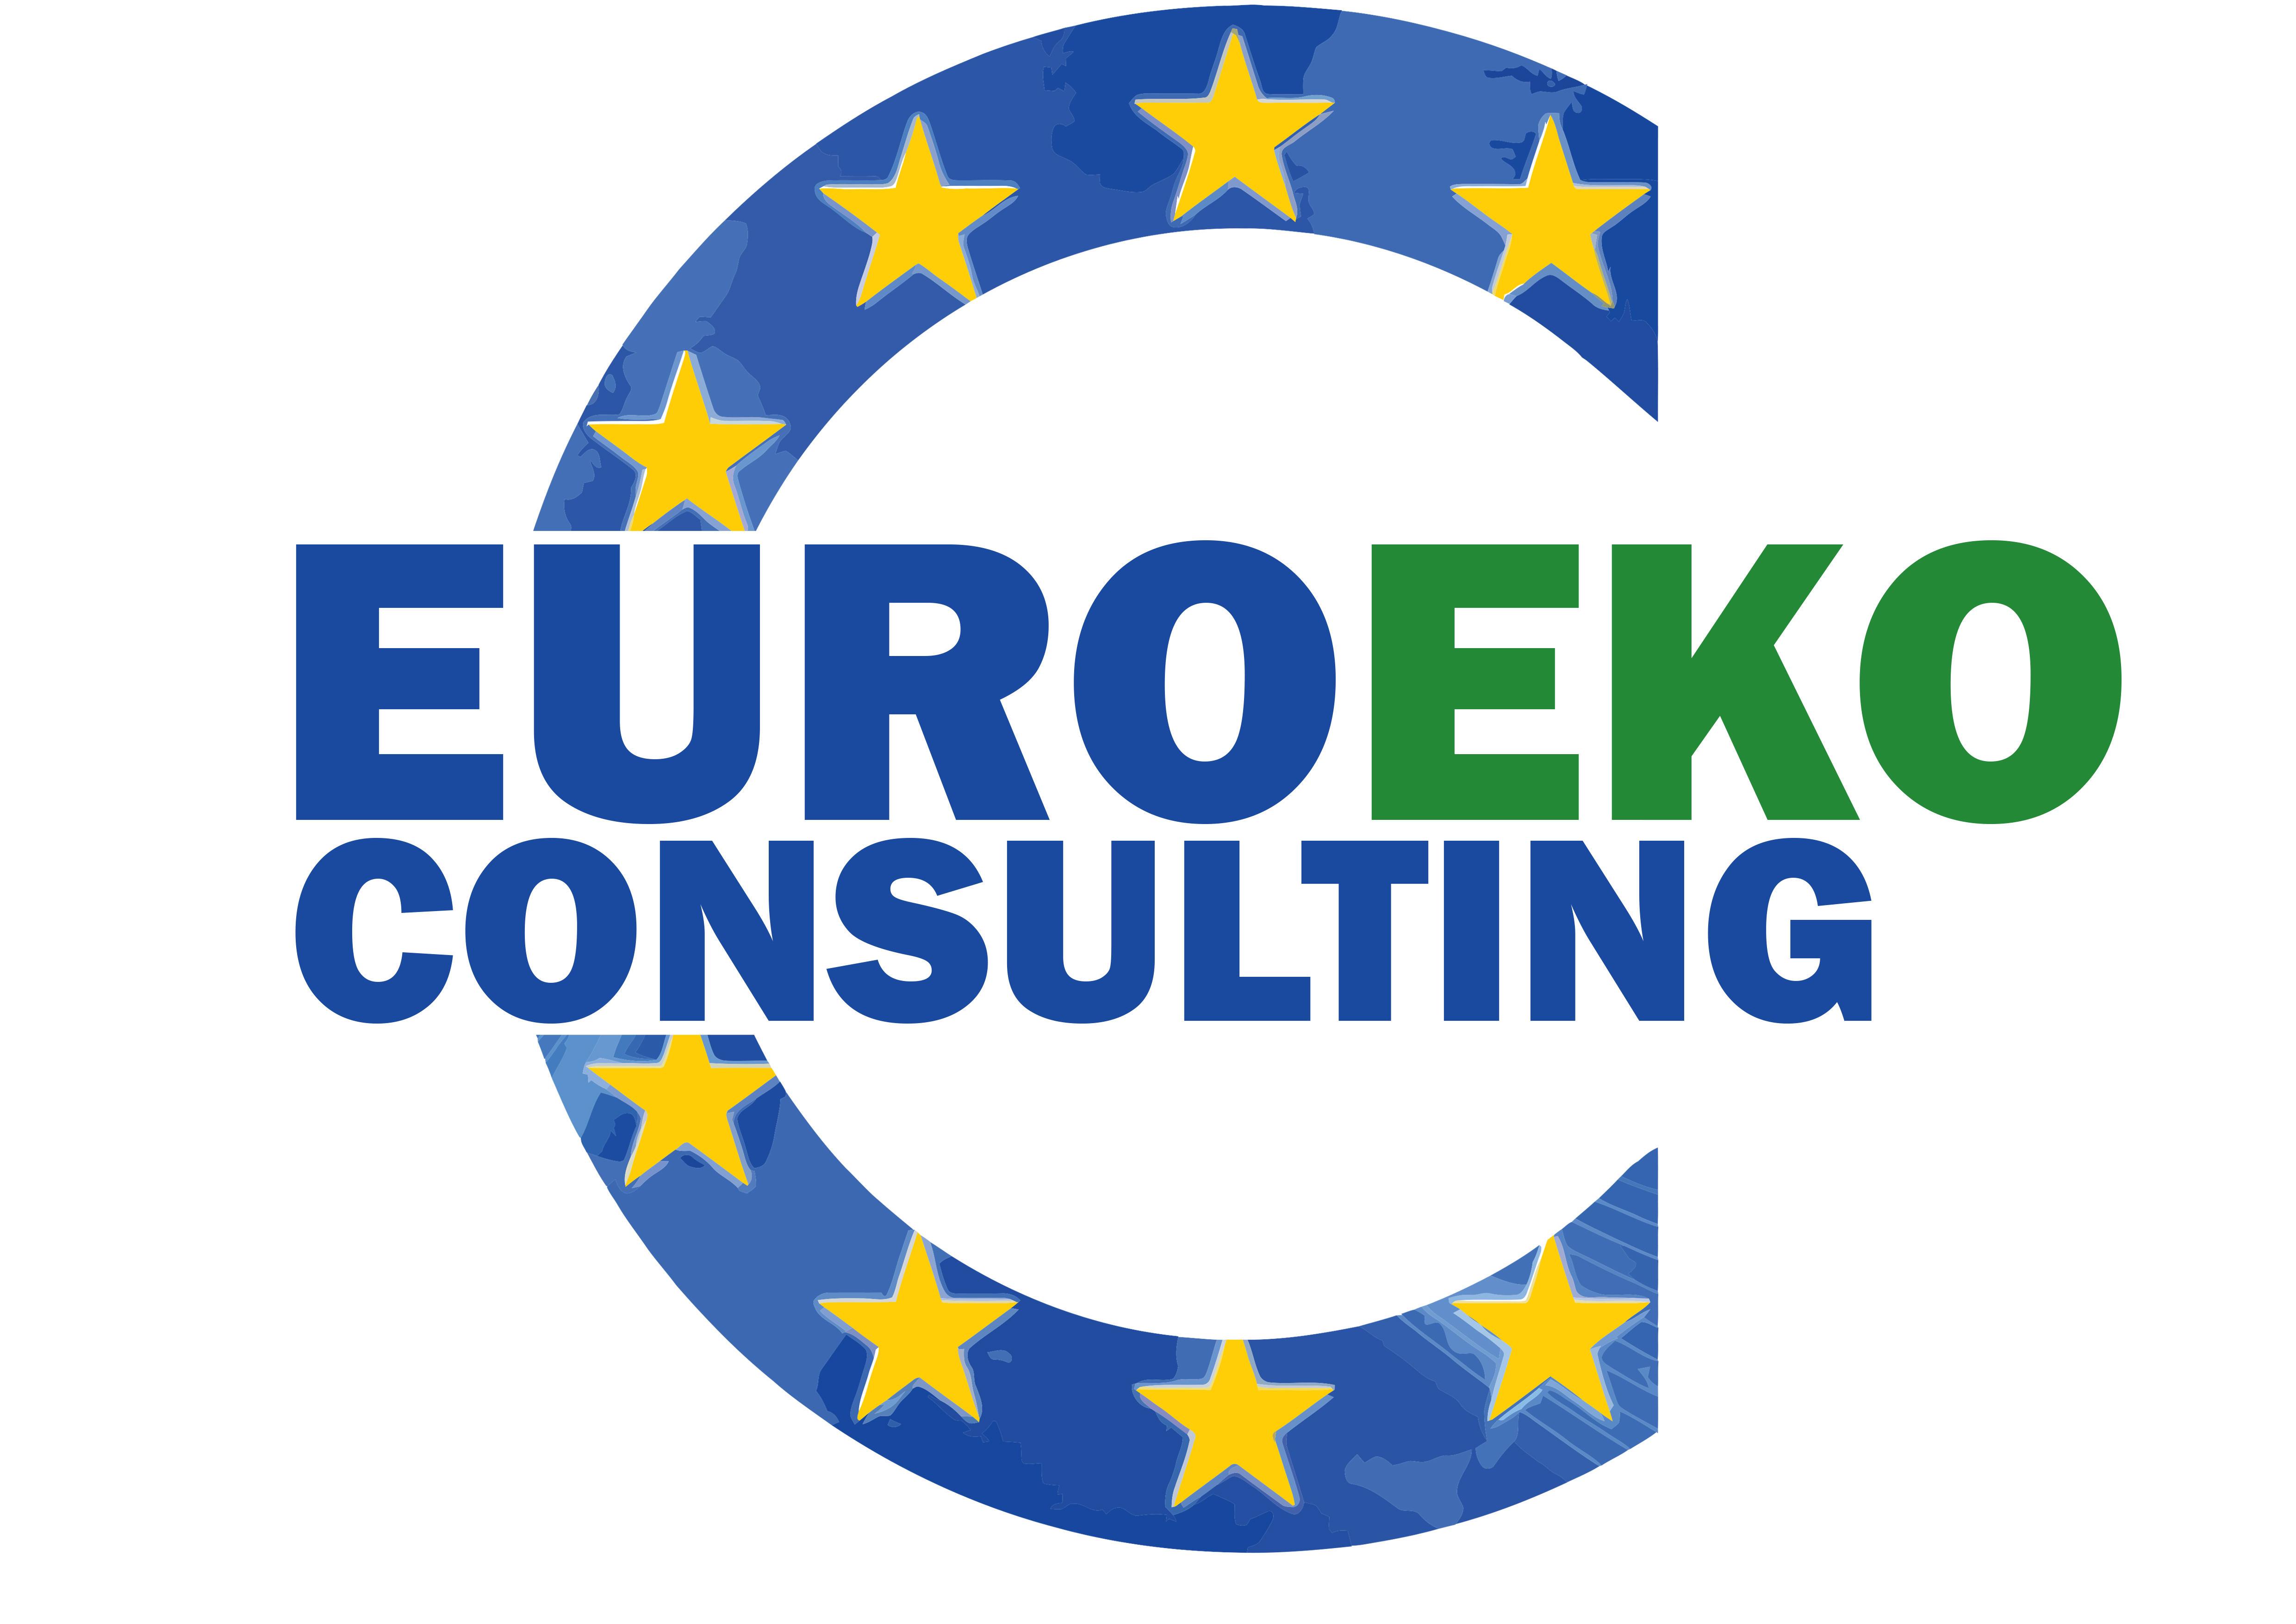 Euroeko